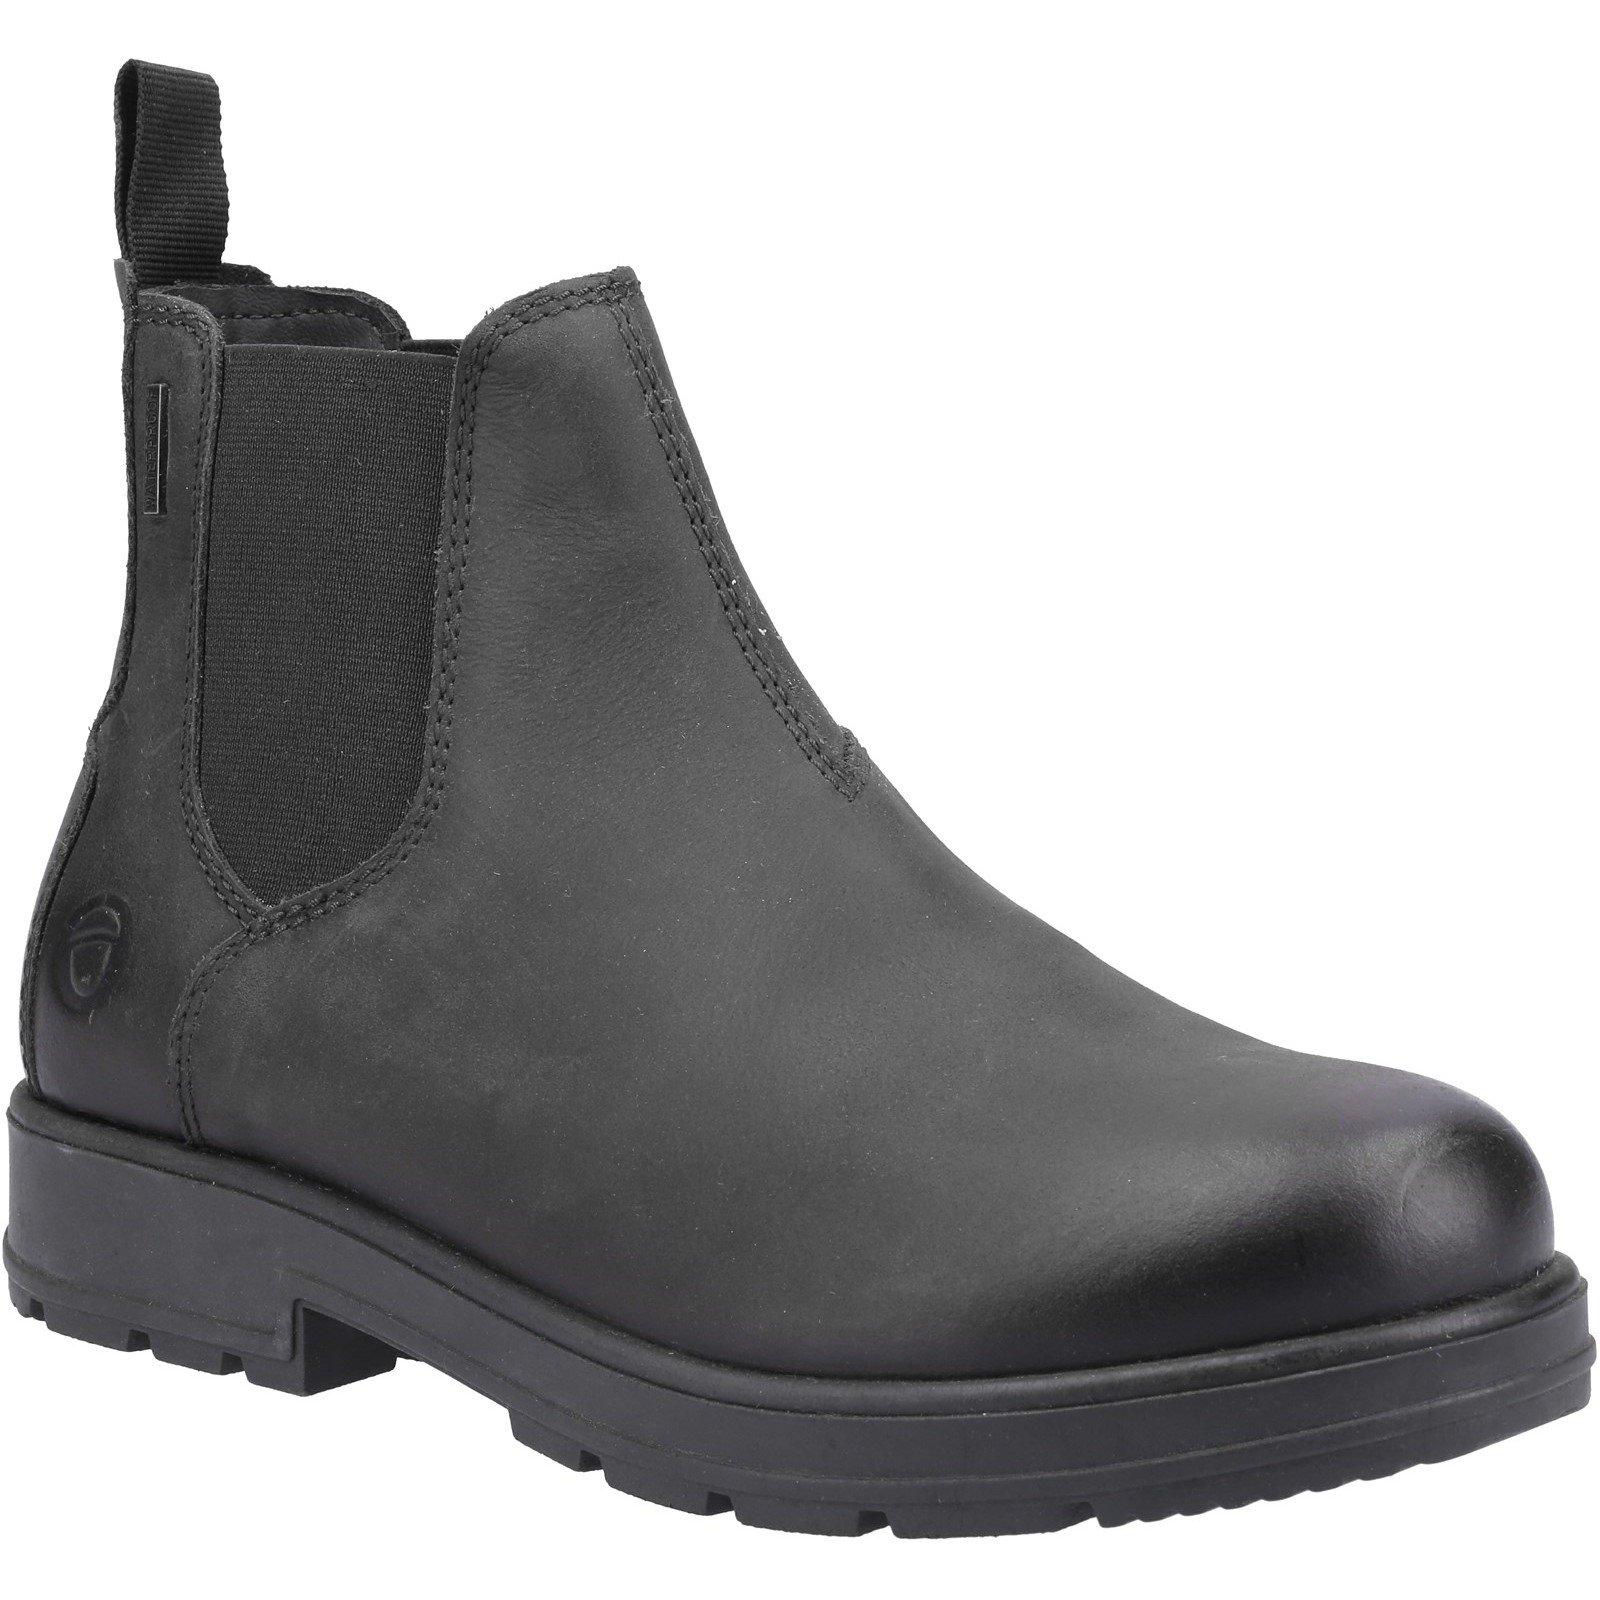 Cotswold Men's Farmington Boot Various Colours 32965 - Black 6